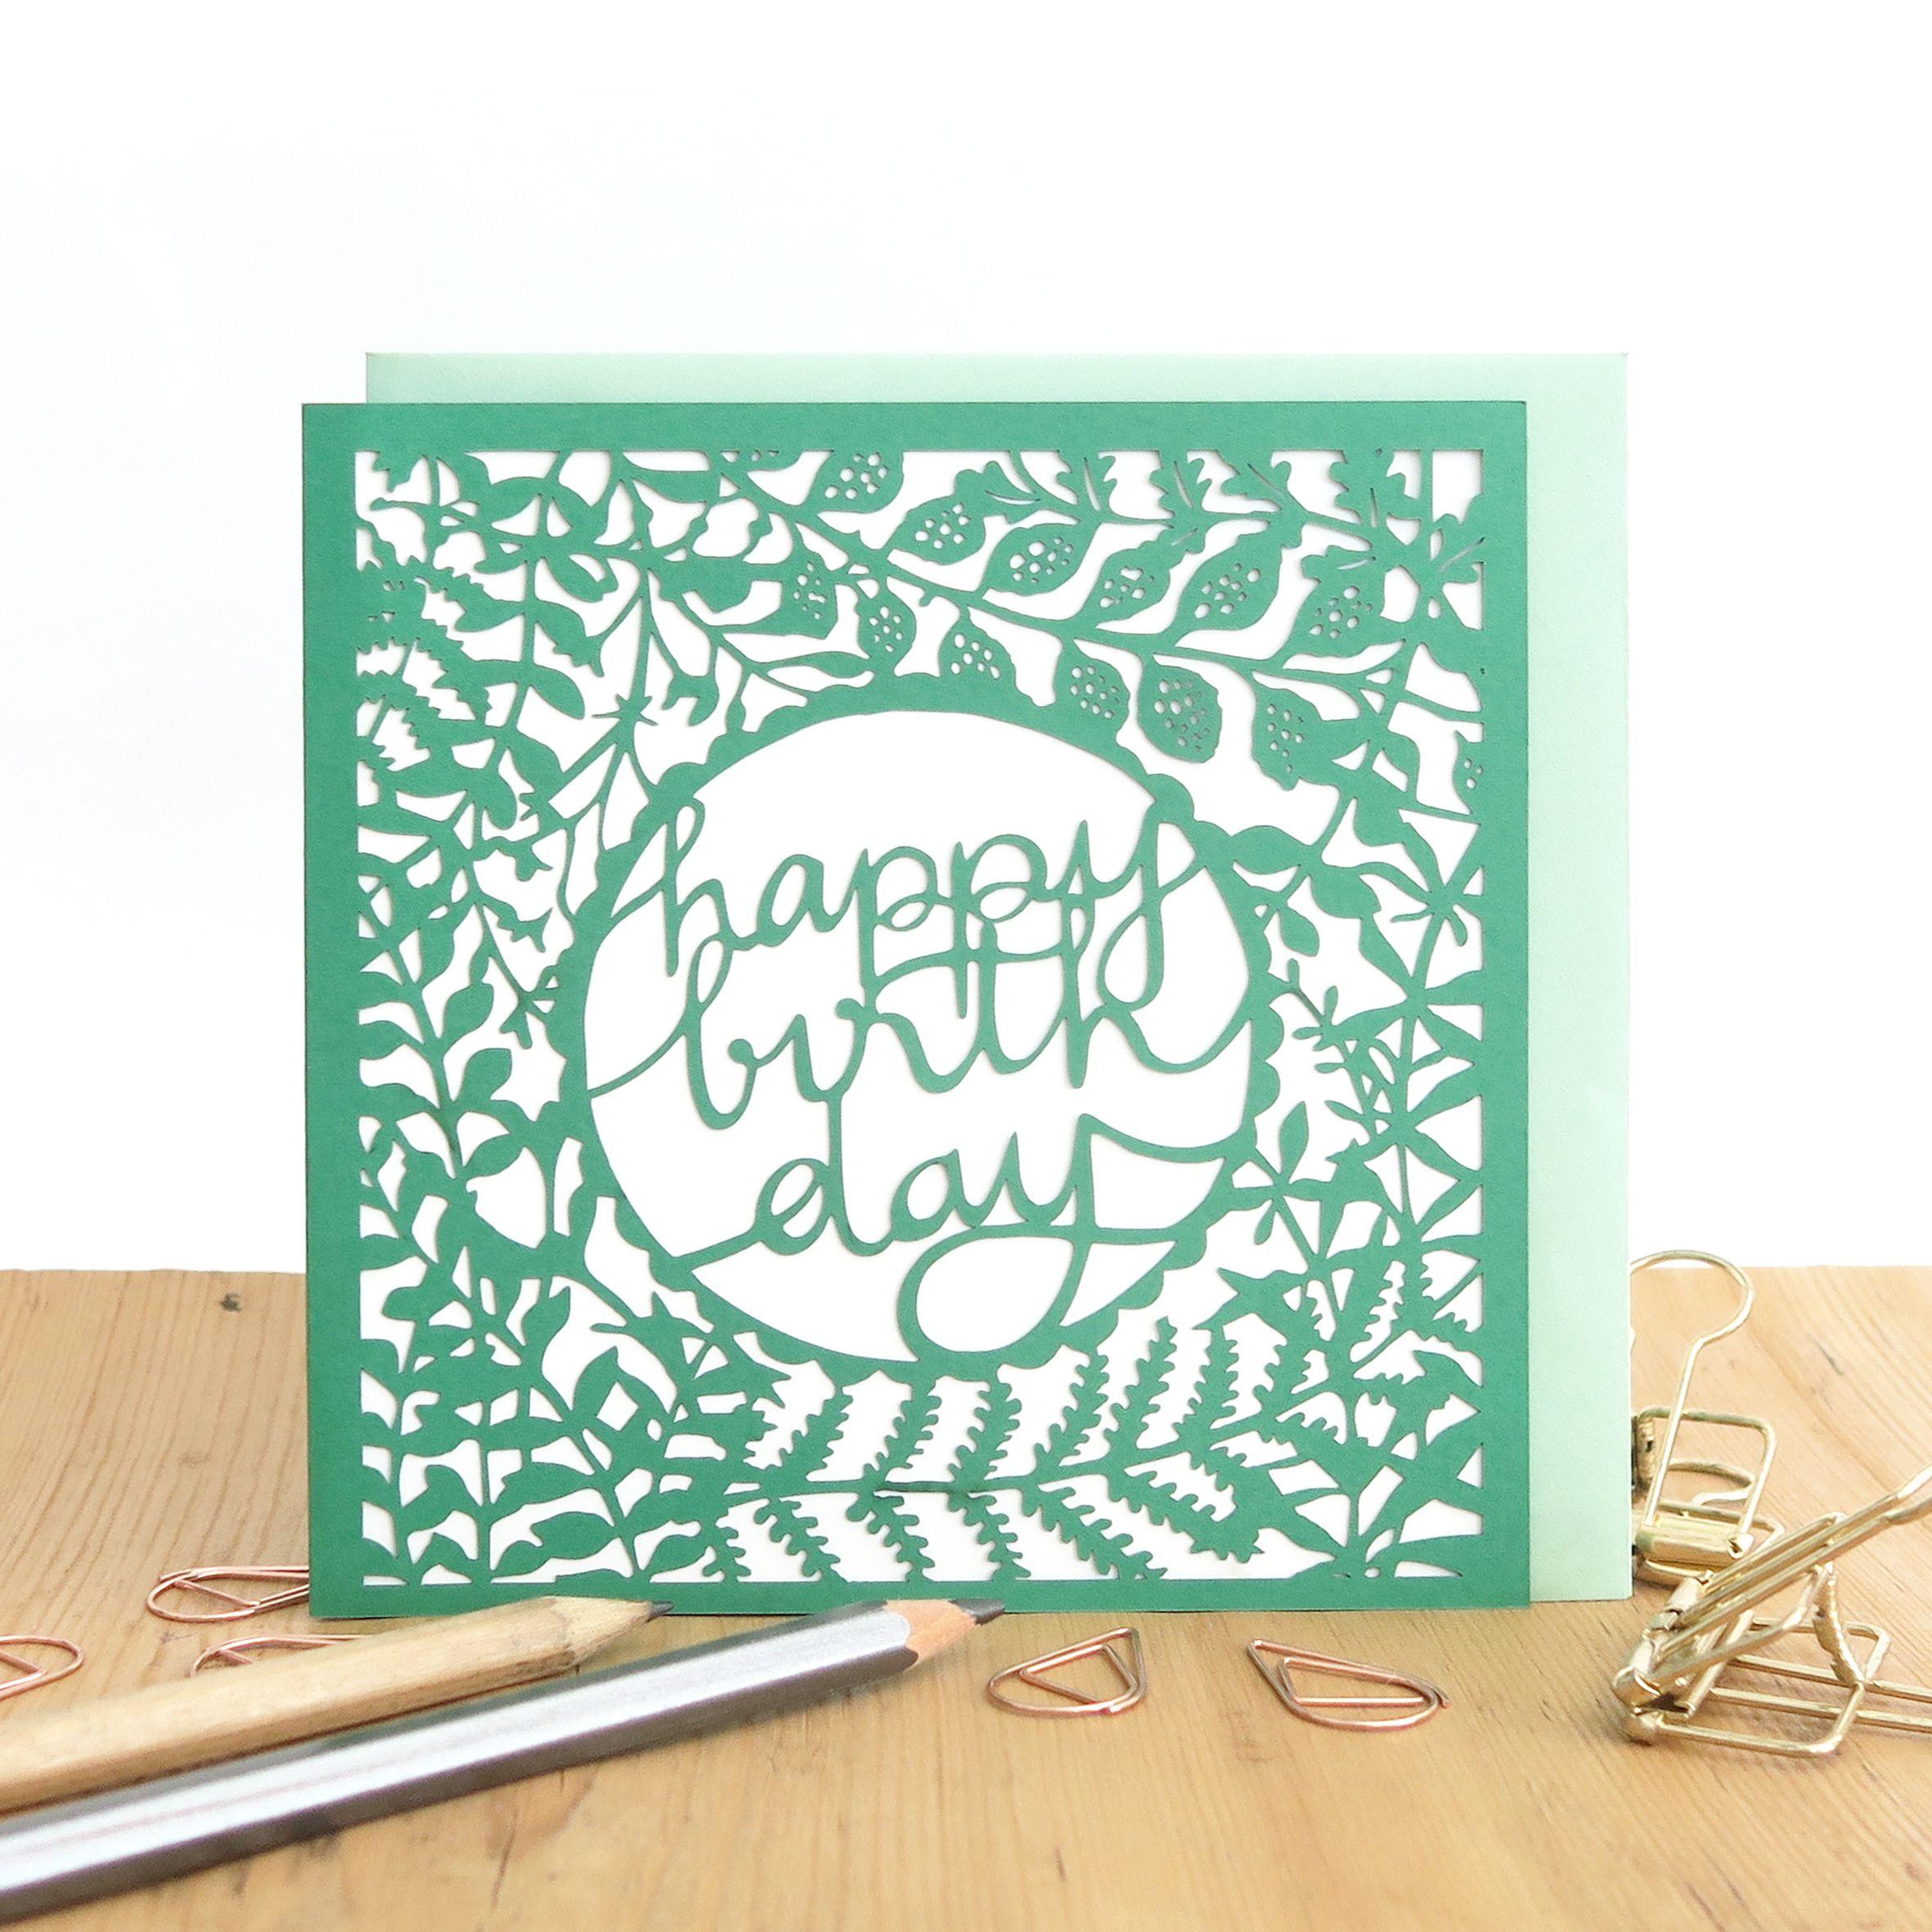 Birthday papercut card - Chau Art | Happy birthday cards, Birthday cards,  Cards